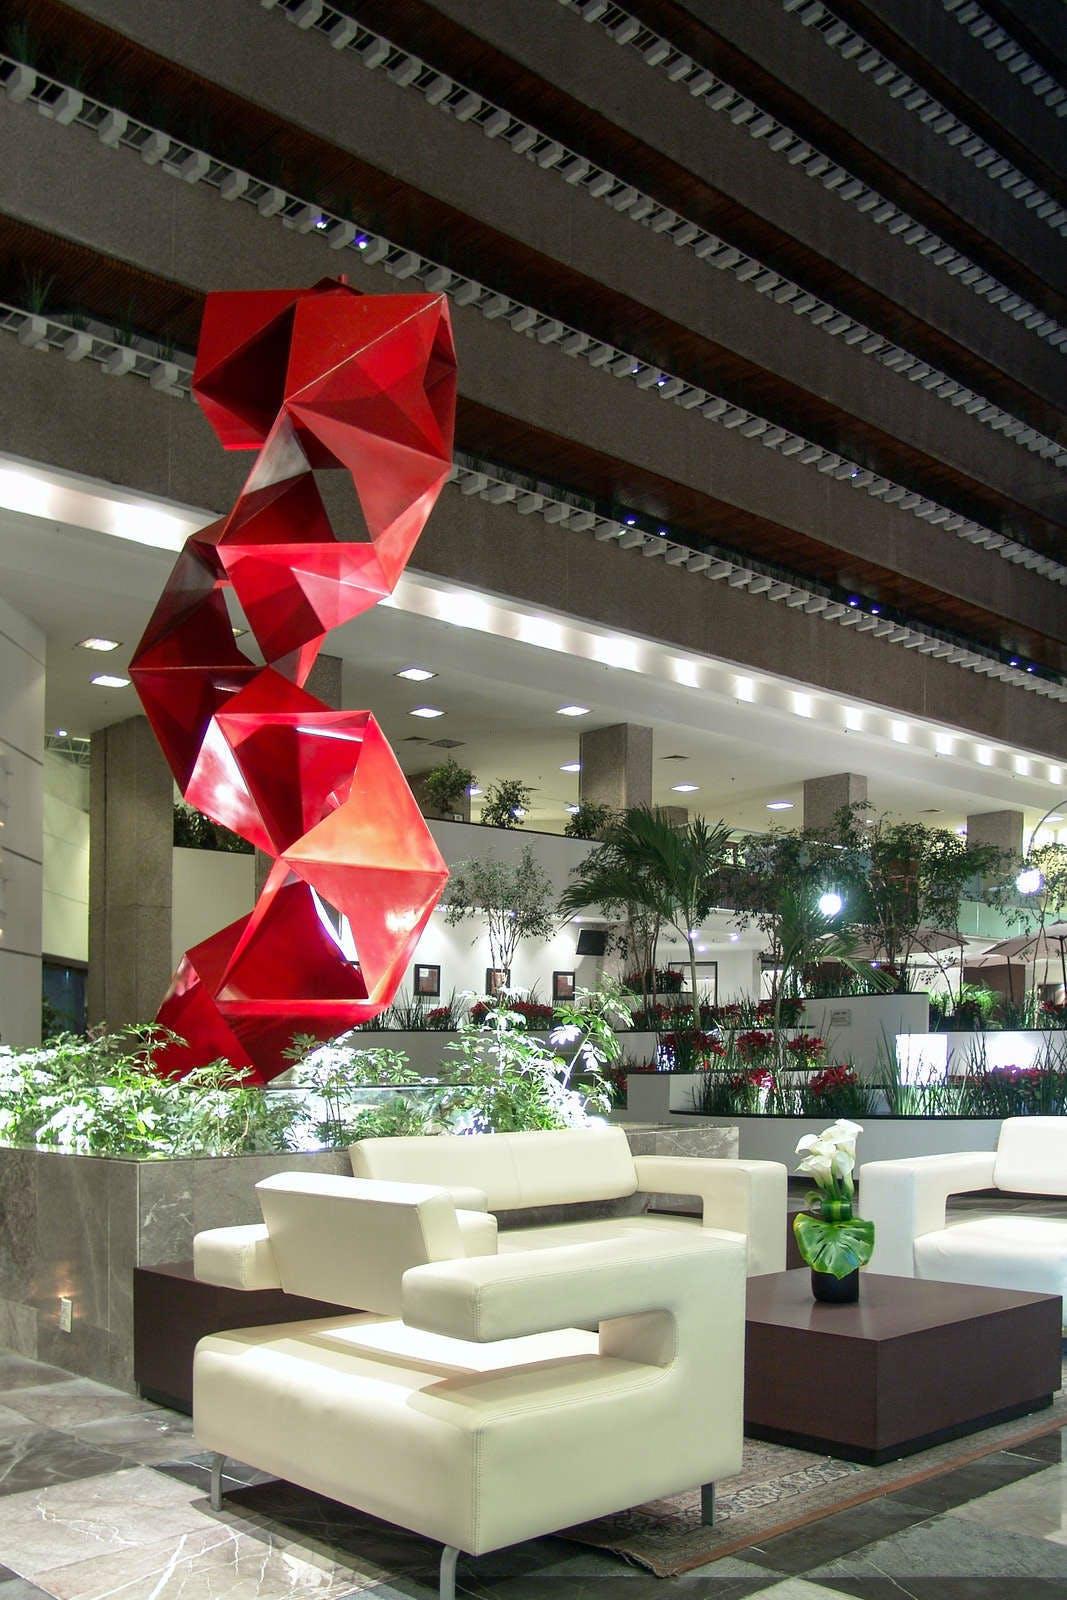 Radisson Paraiso Hotel Mexico City